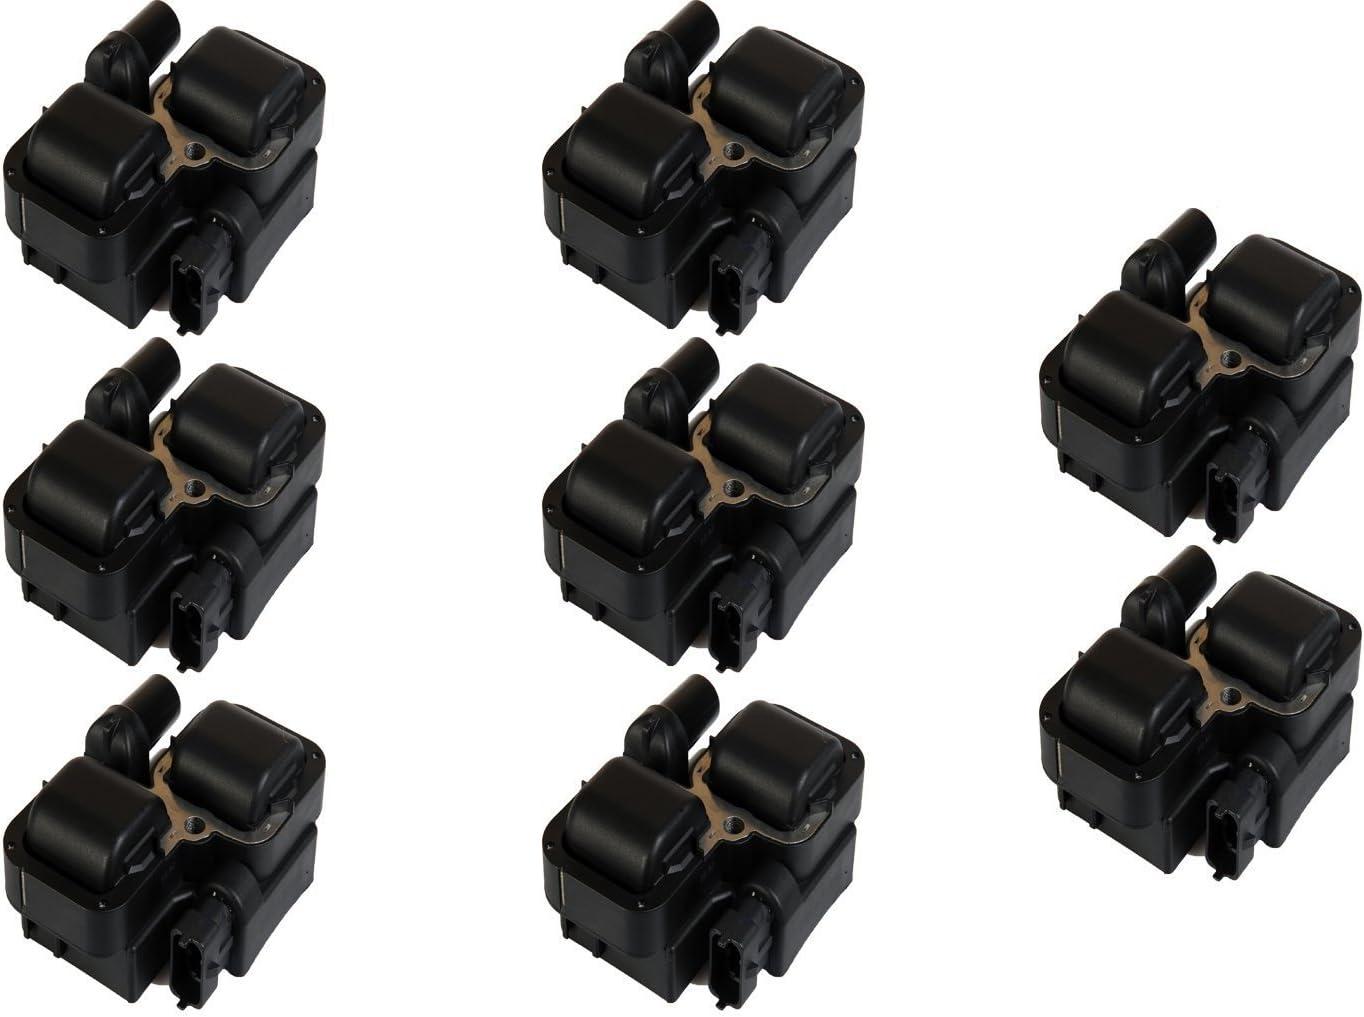 Quality Ignition Coil 8PCS Mercedes-Benz C230 C280 C300 CL CLK CLS E G GL ML SL